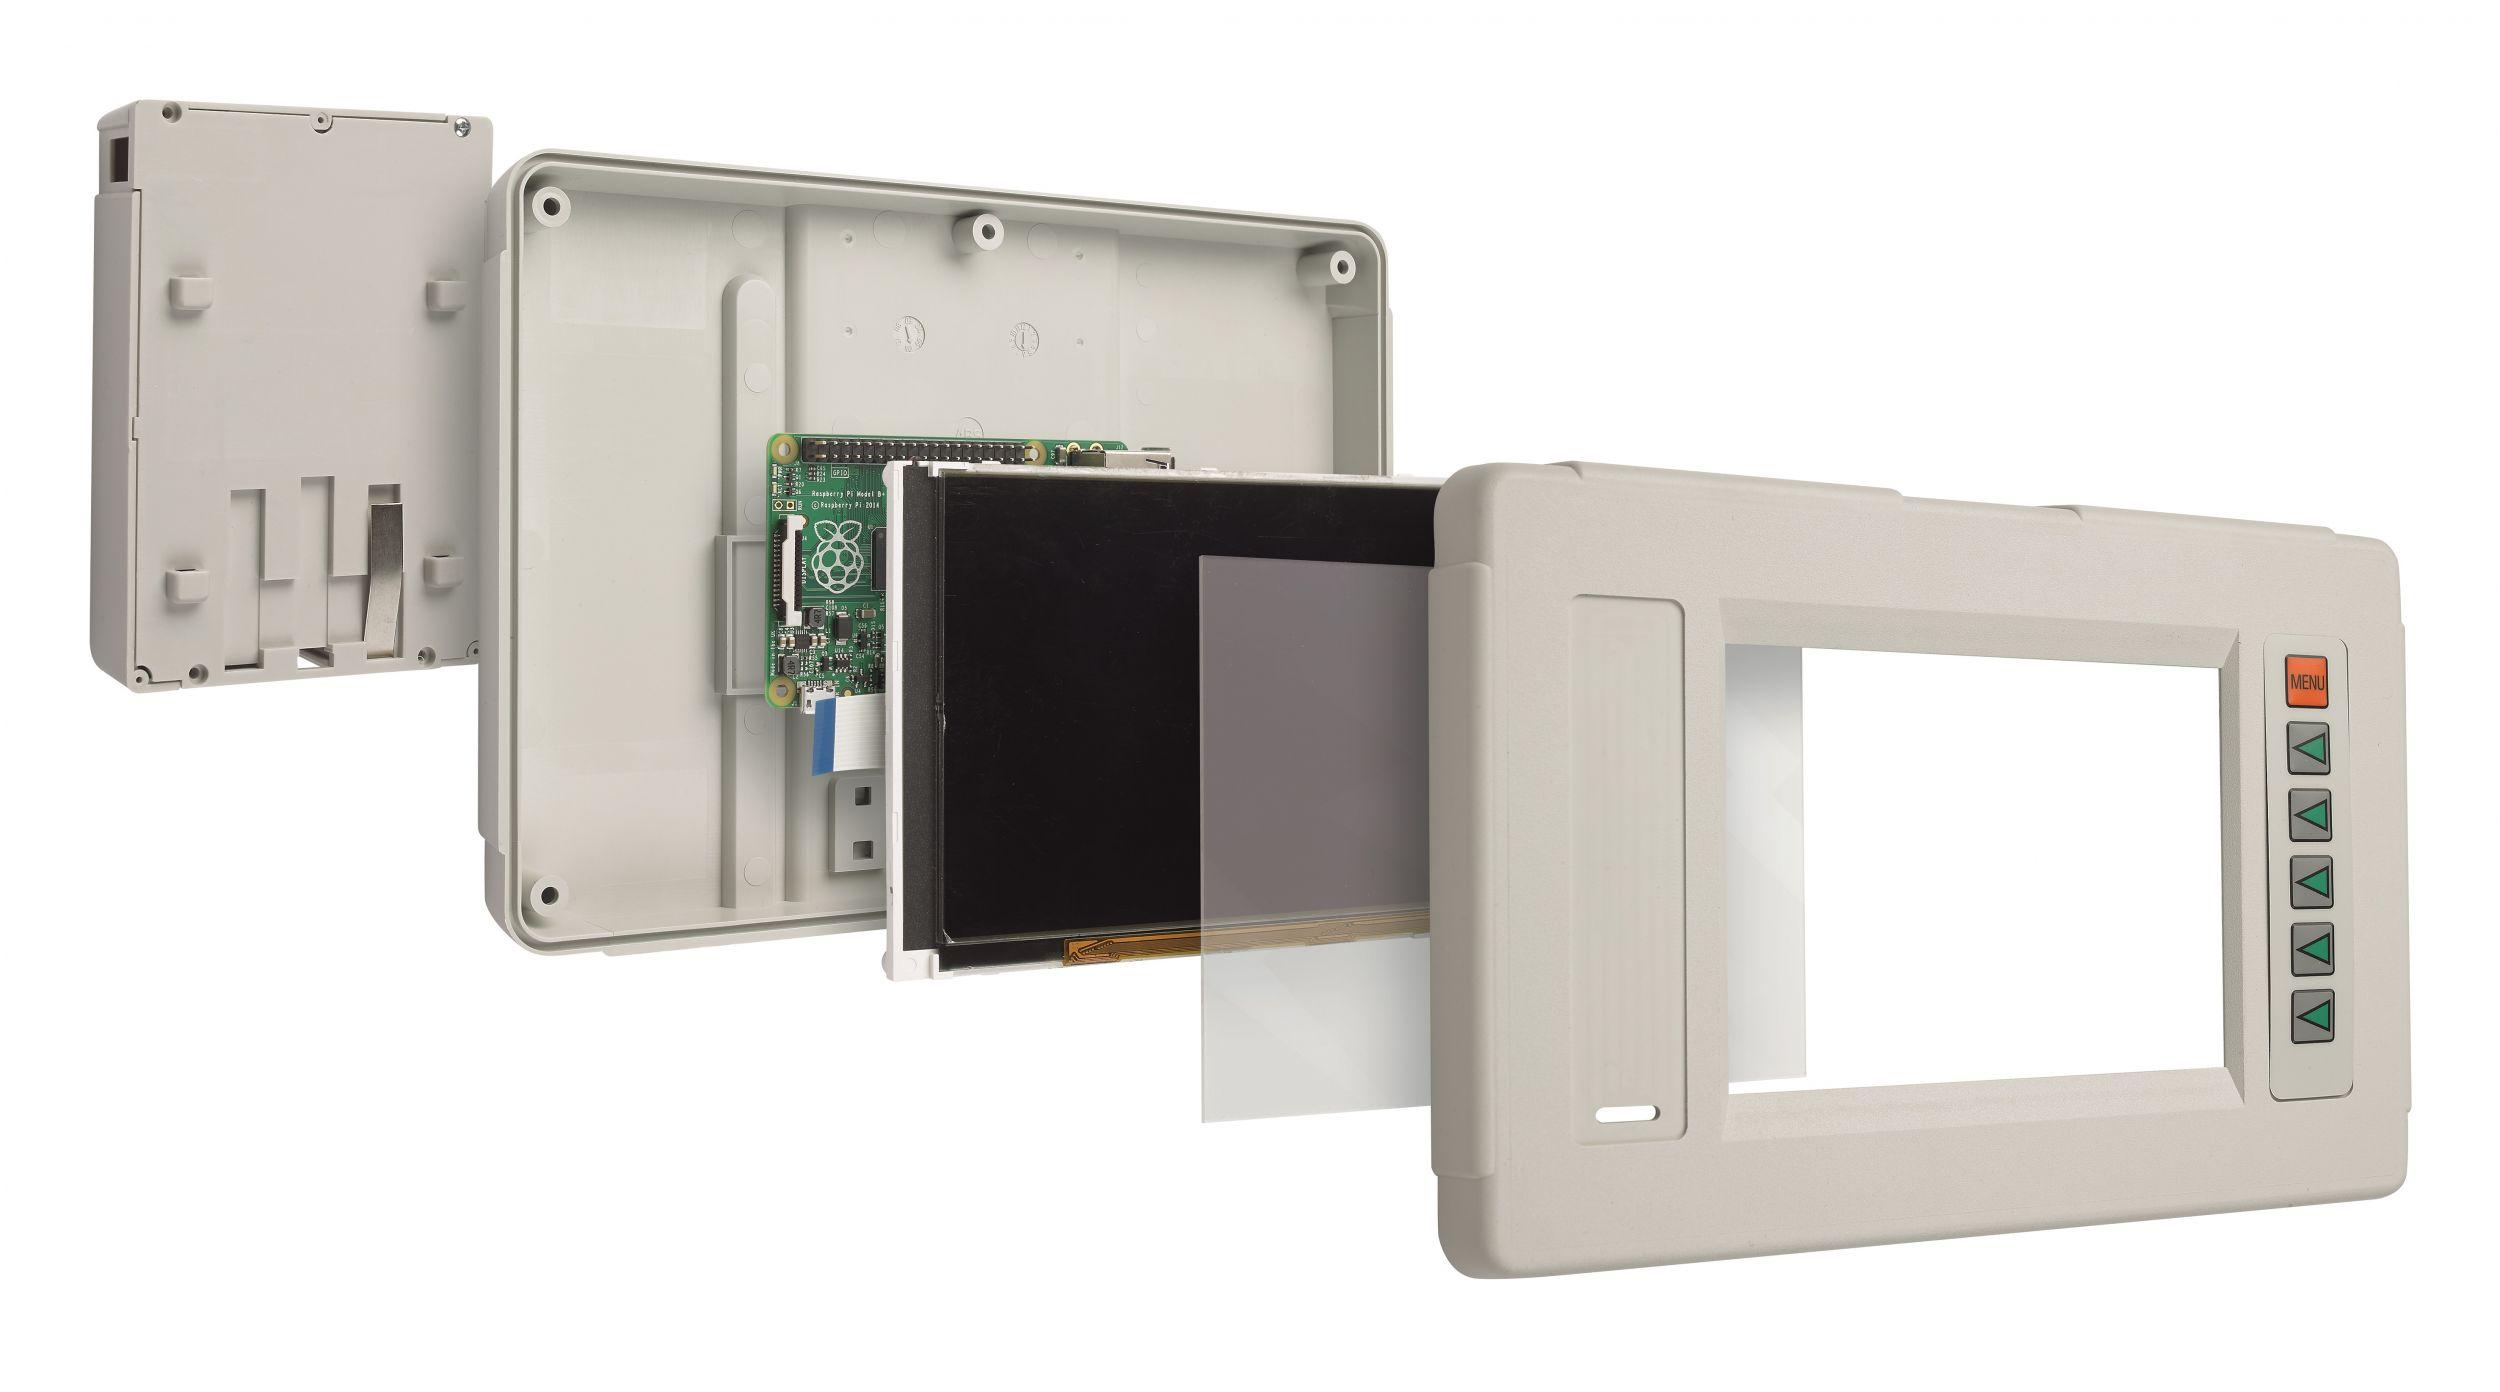 Gehäuse für Displays und Touchscreens